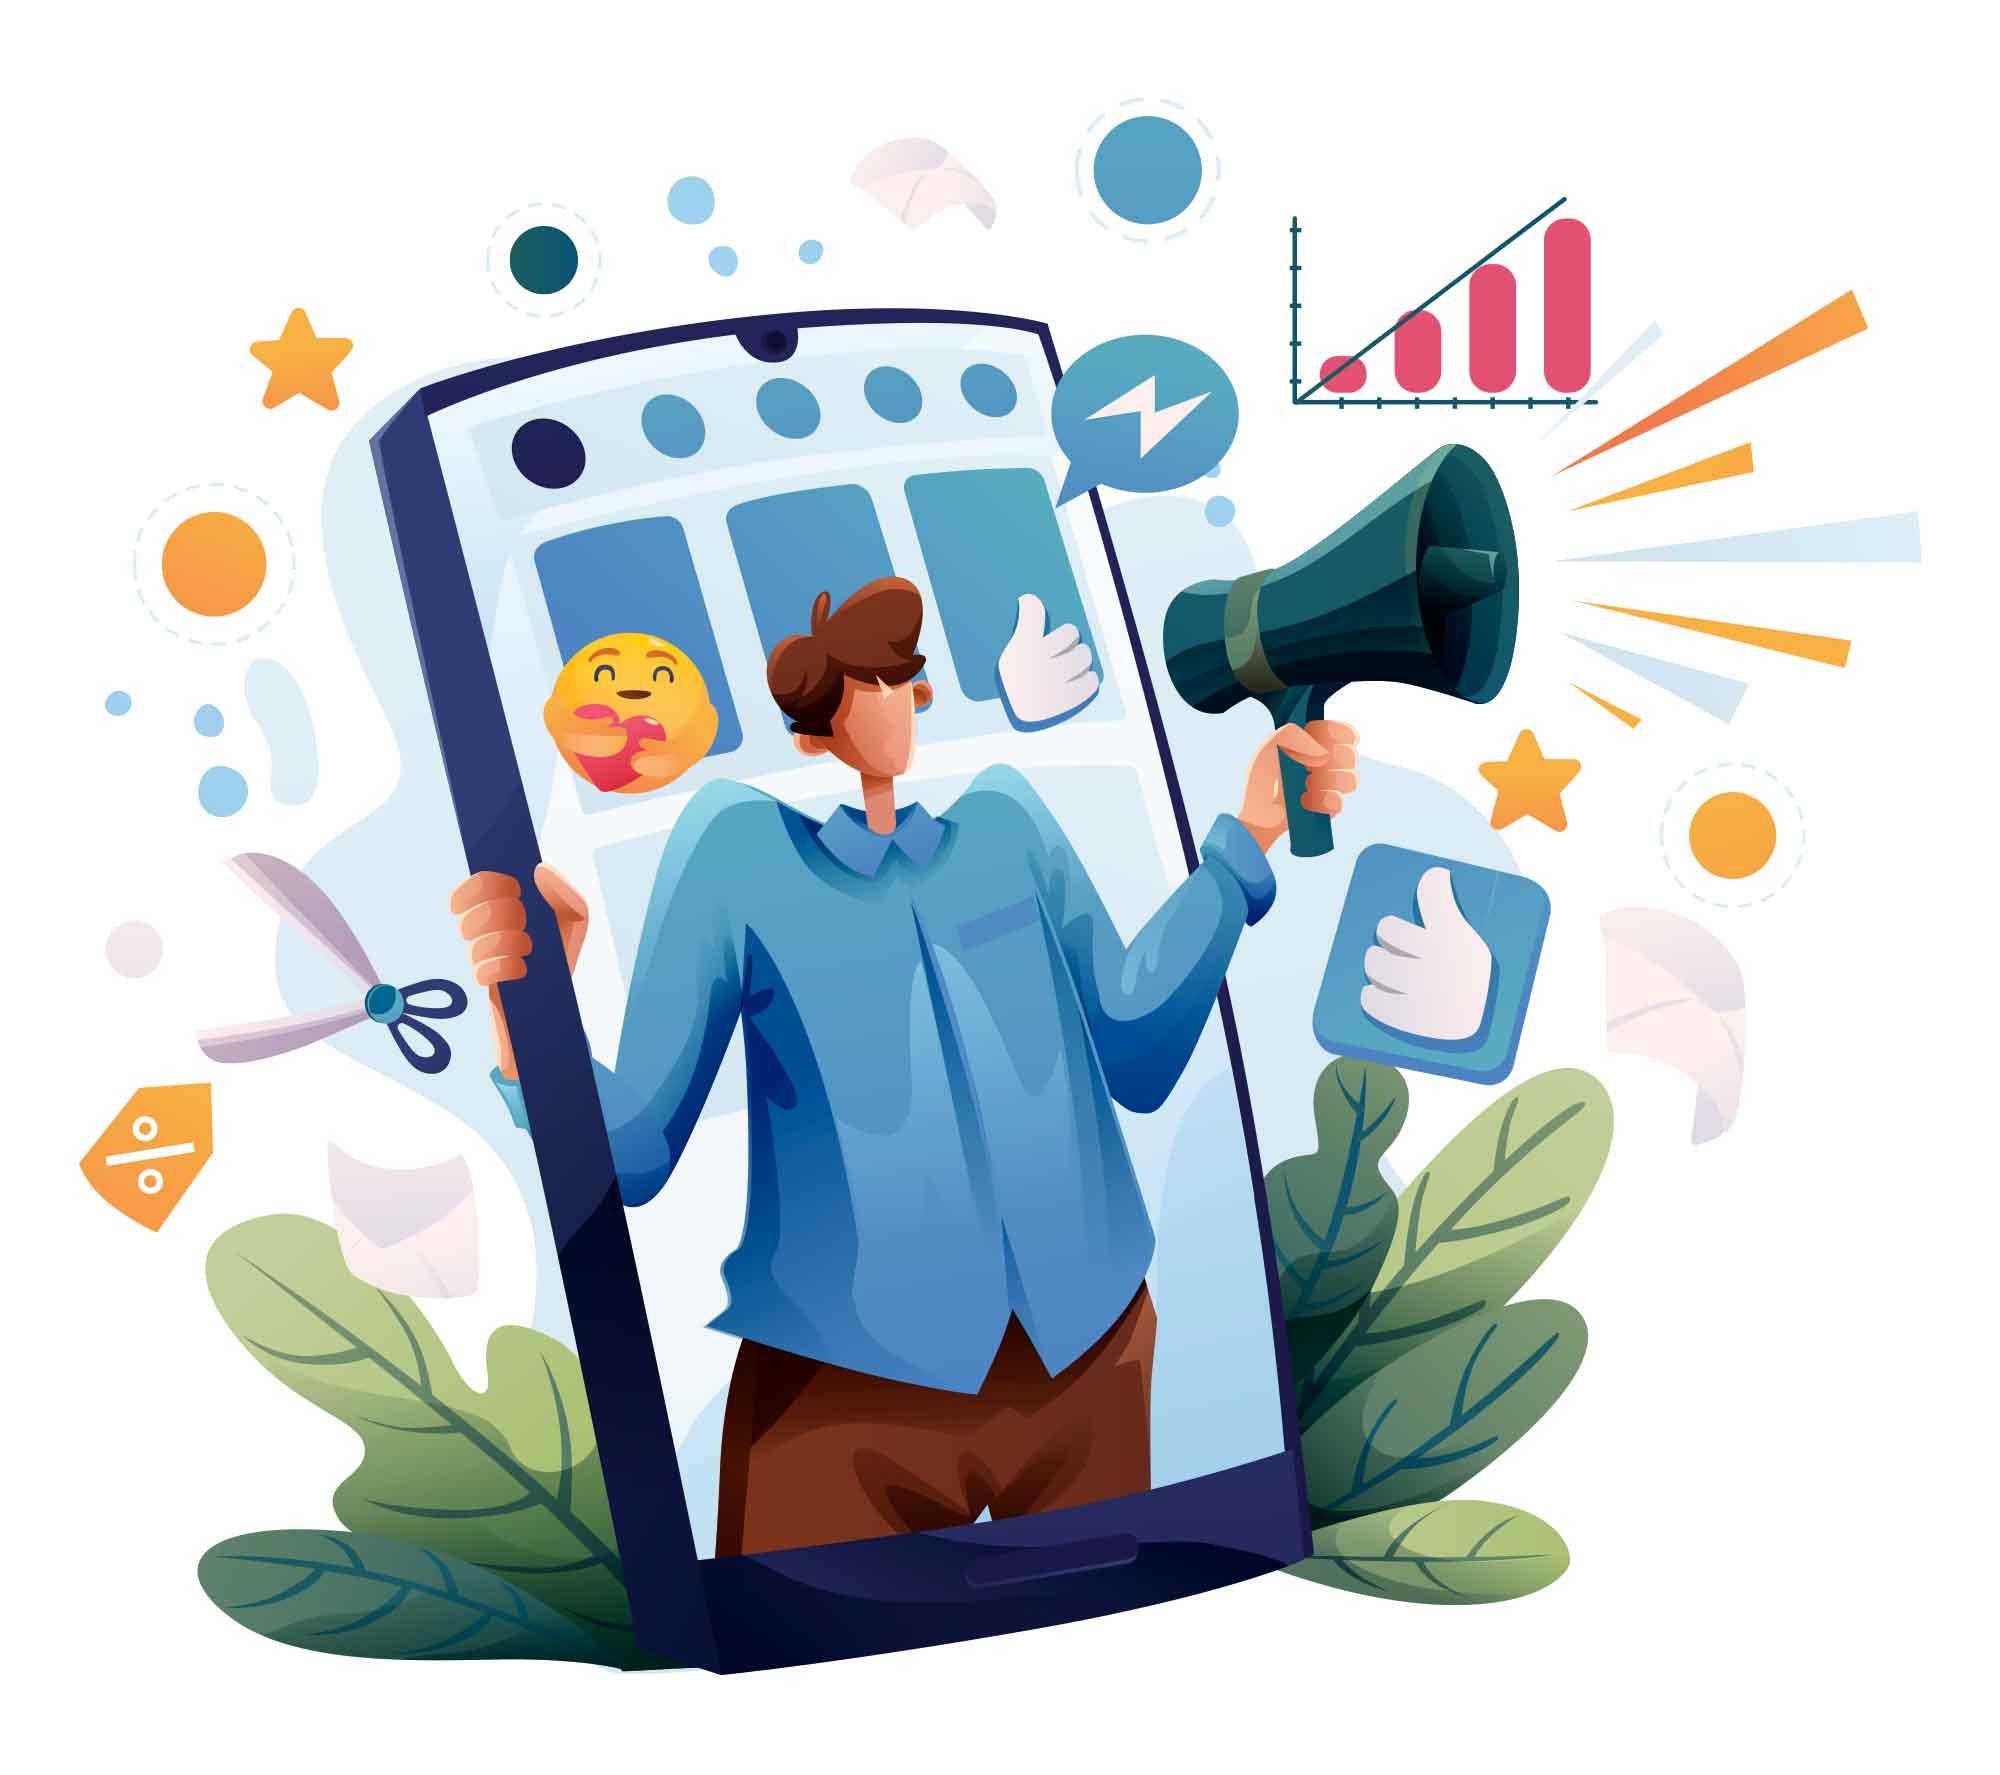 Social Media Vibrant Illustration